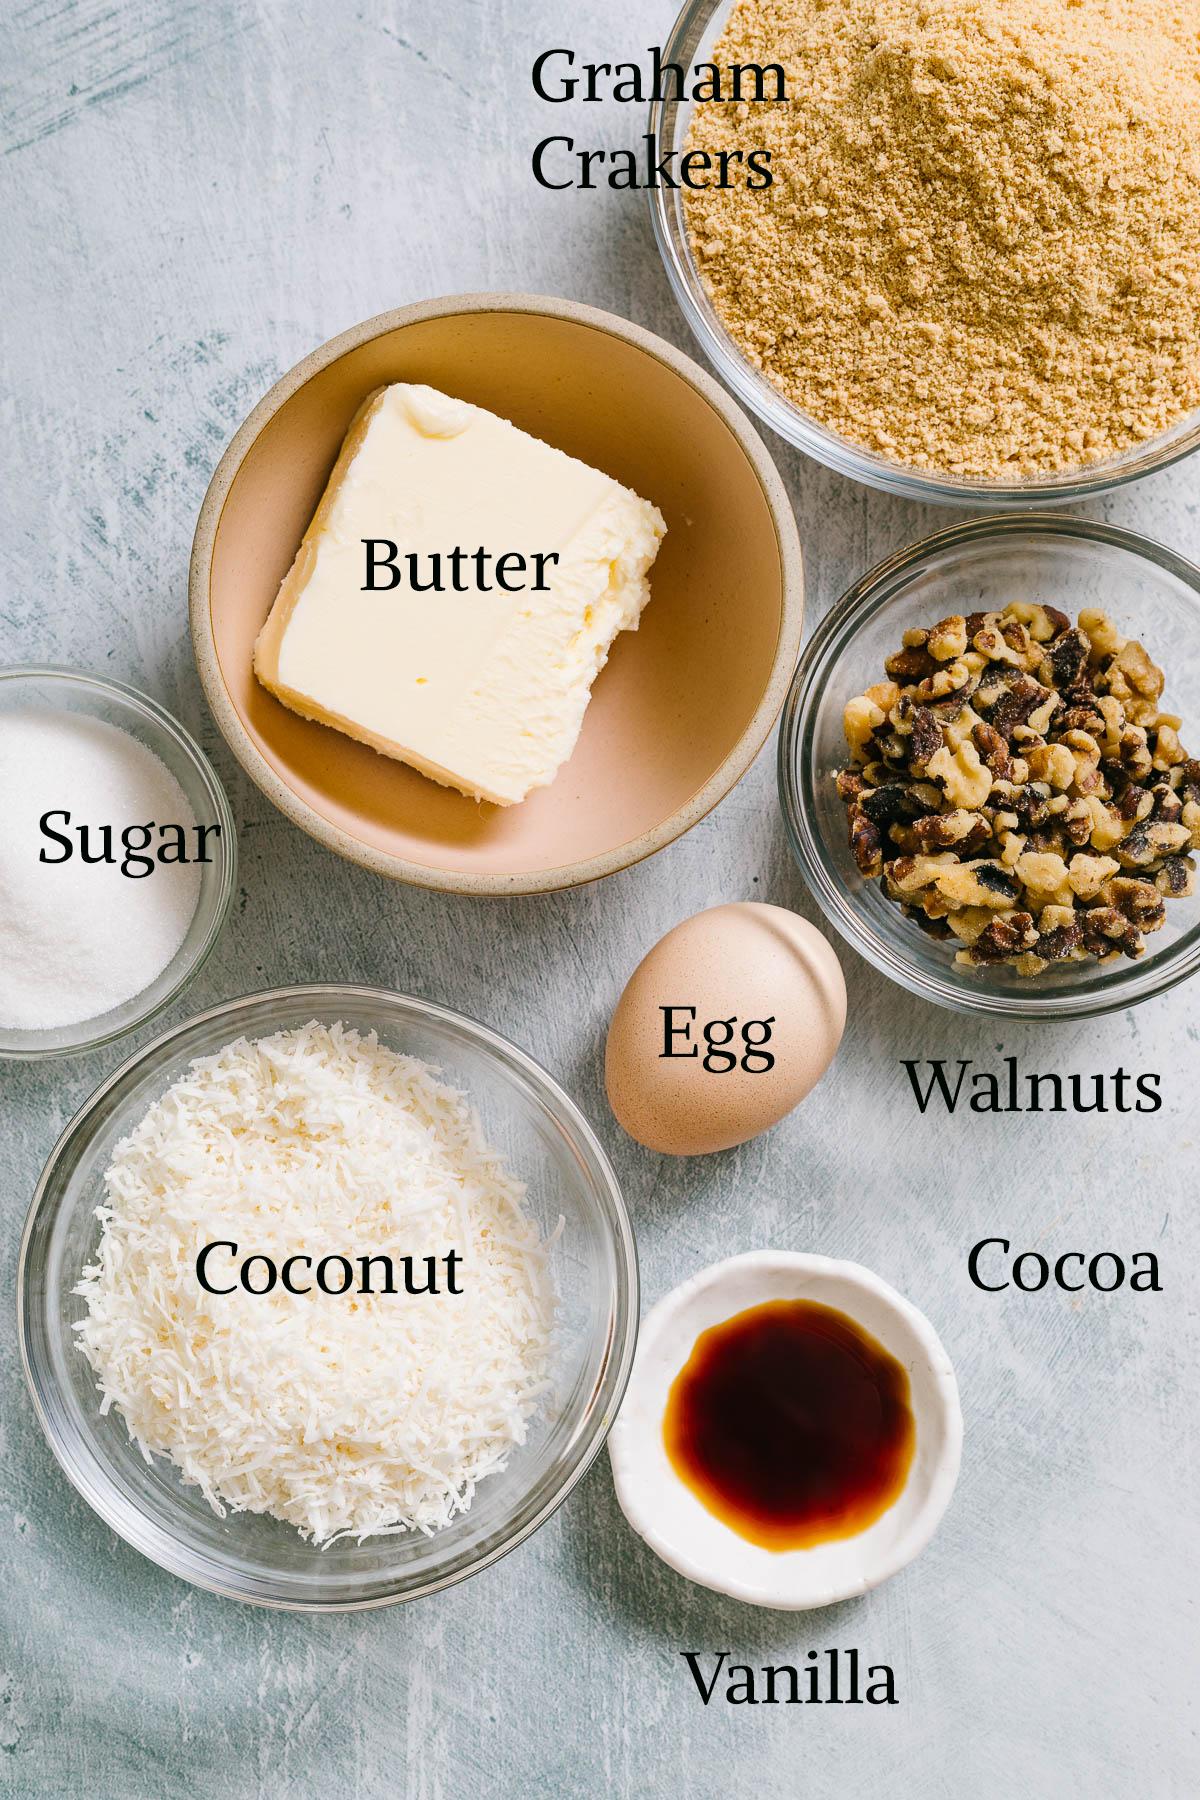 Nanaimo bar base ingredients.